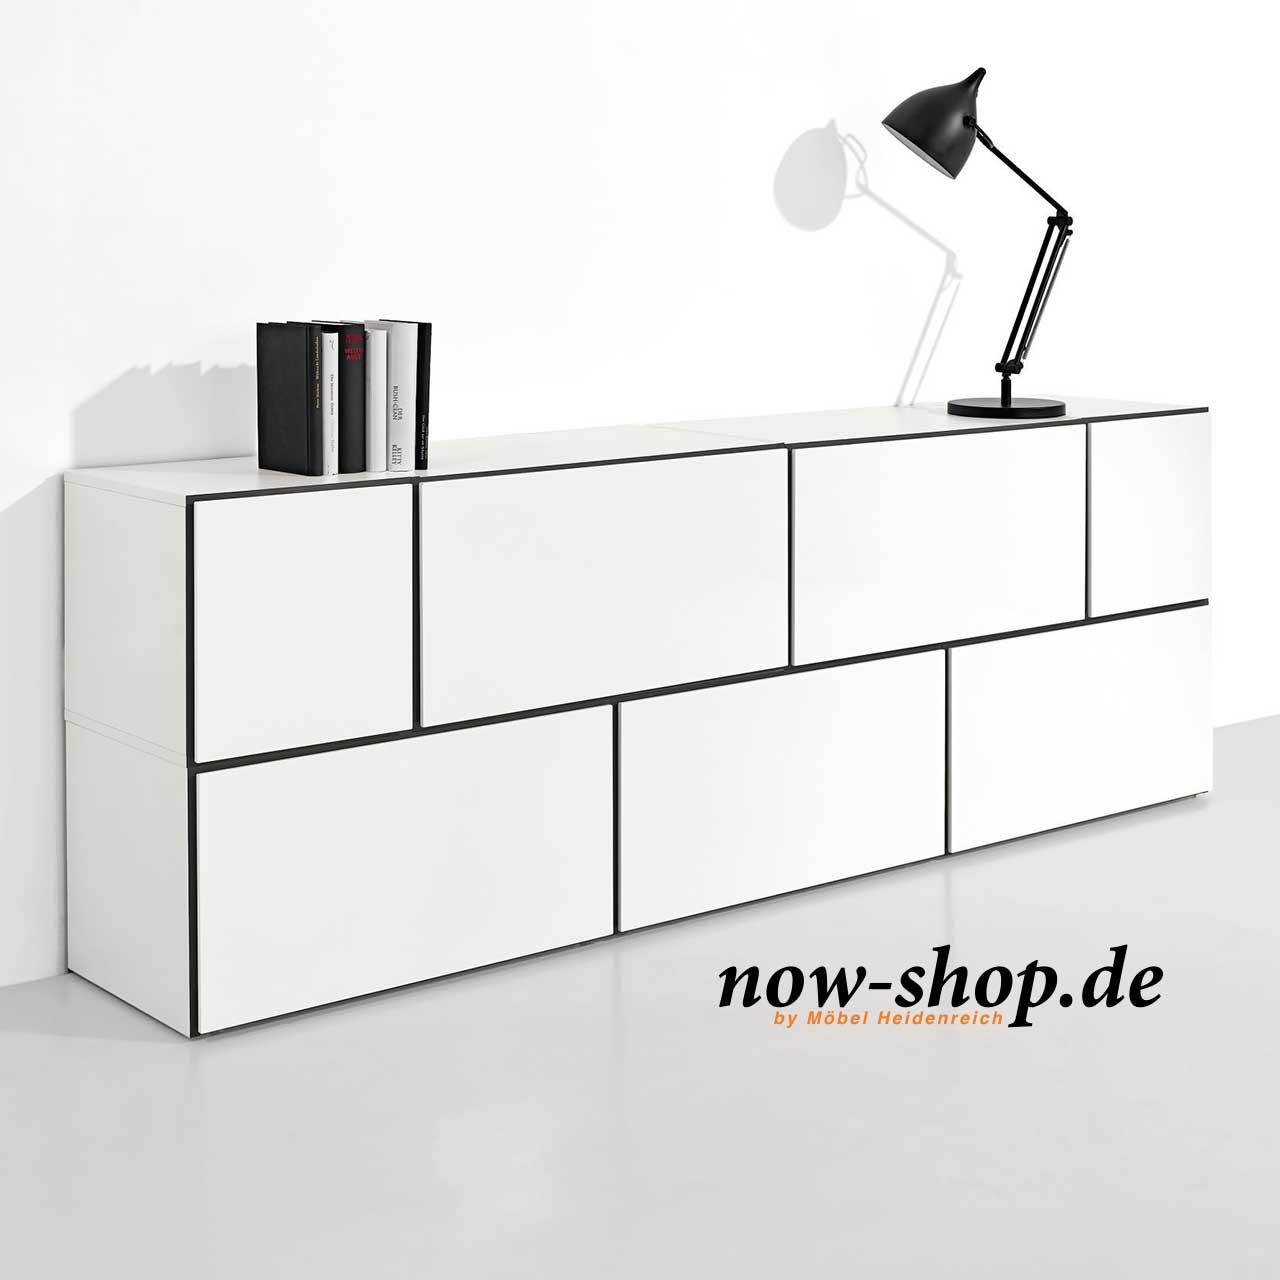 esszimmermobel von hulsta, now by hülsta dining esszimmer möbel | now-shop, Design ideen